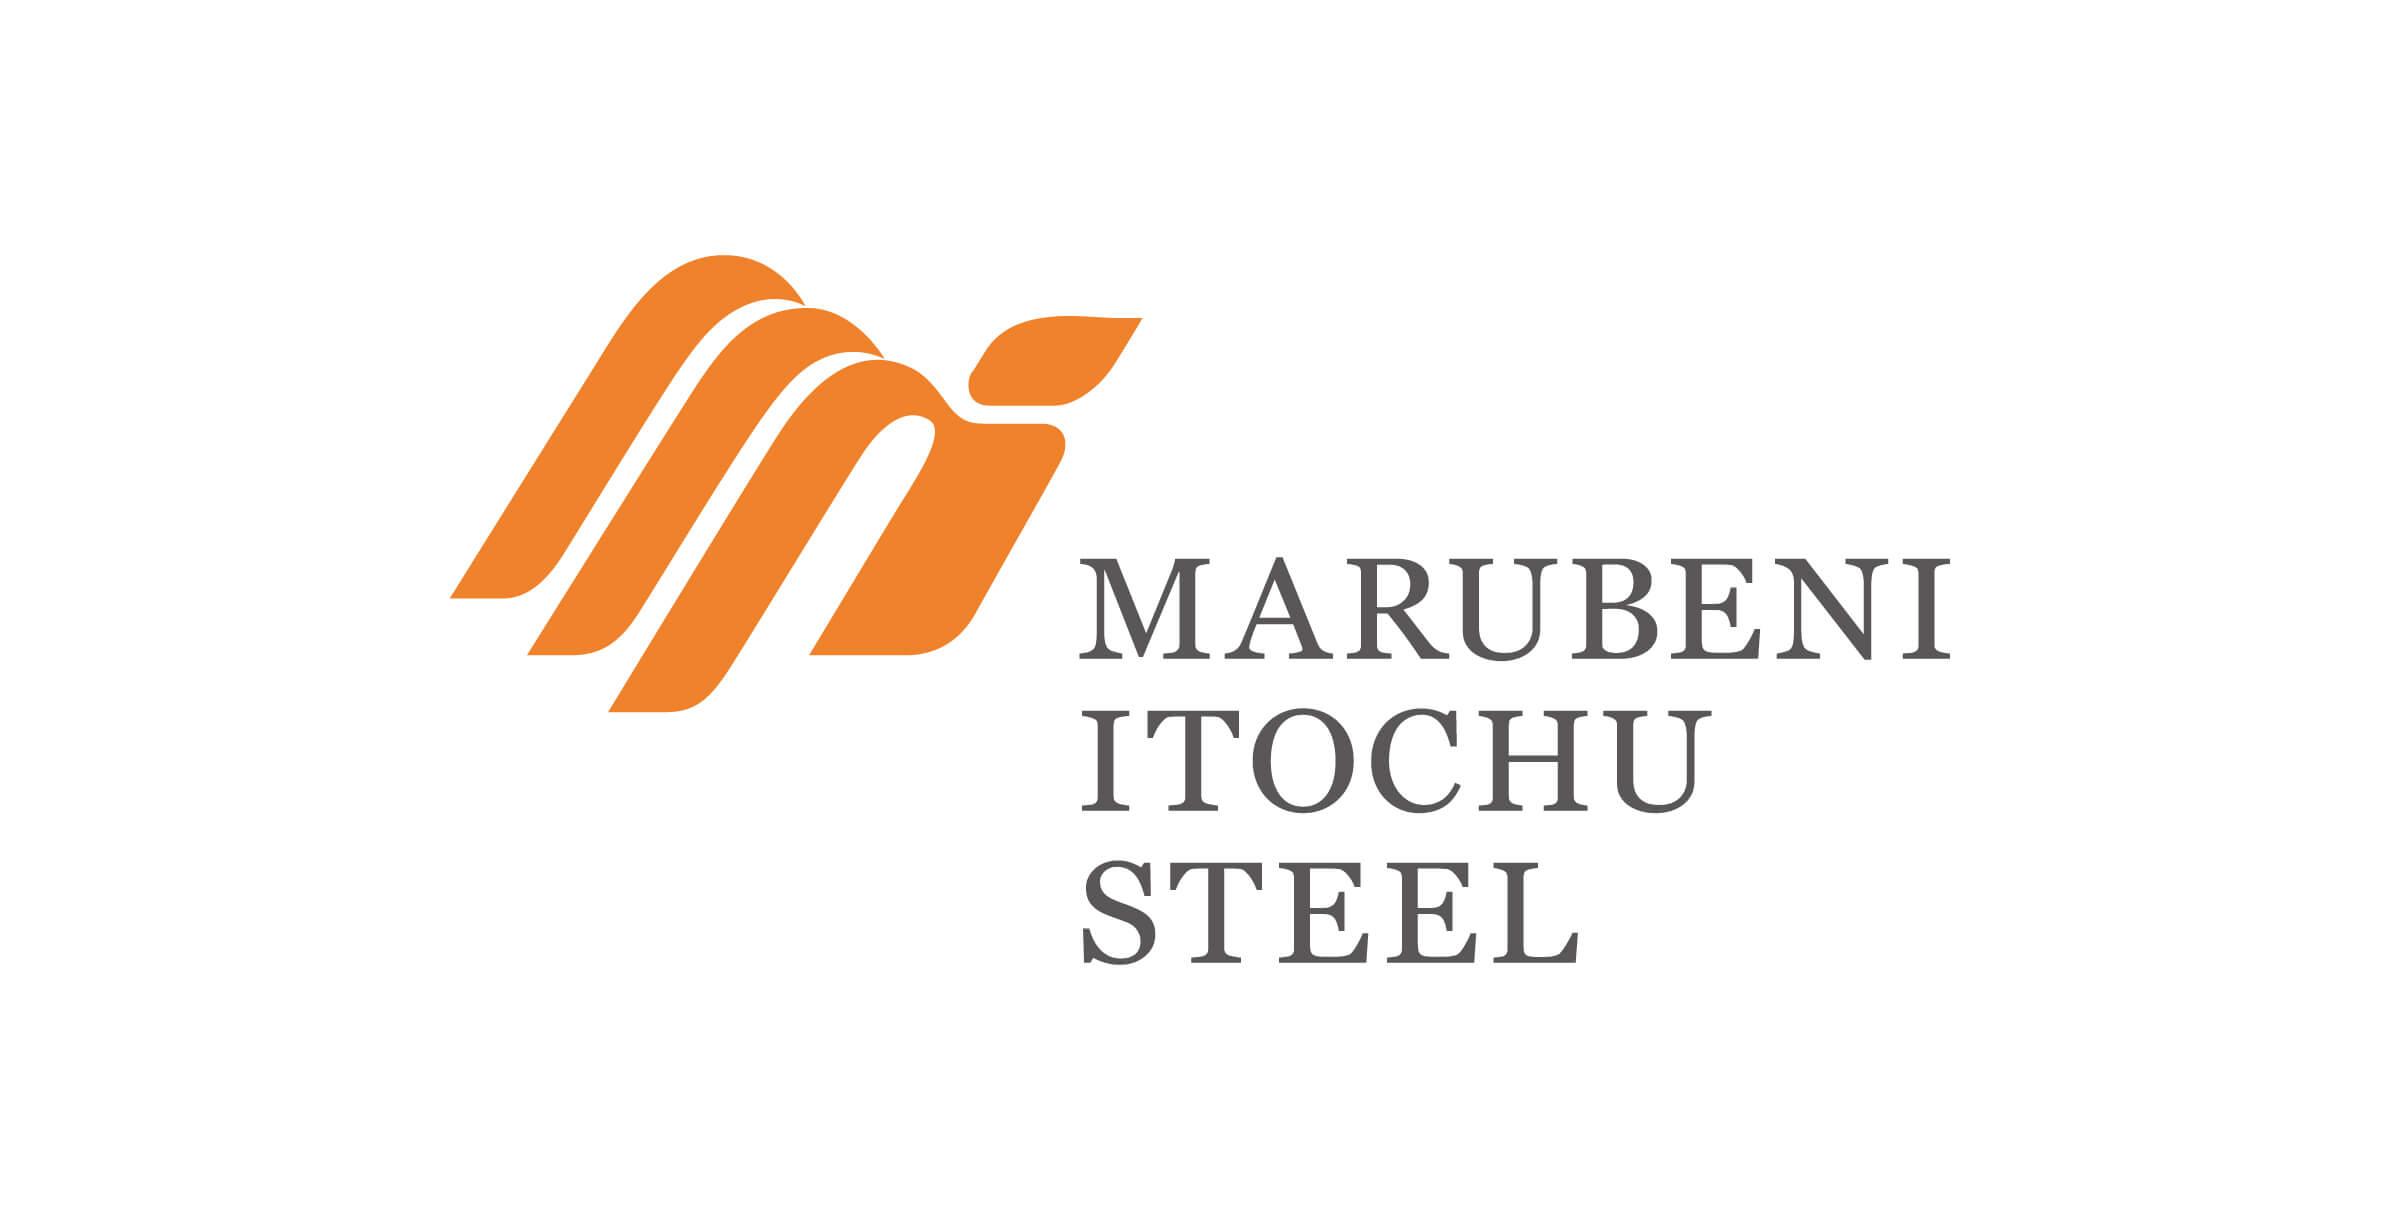 伊藤忠丸紅鉄鋼のロゴ